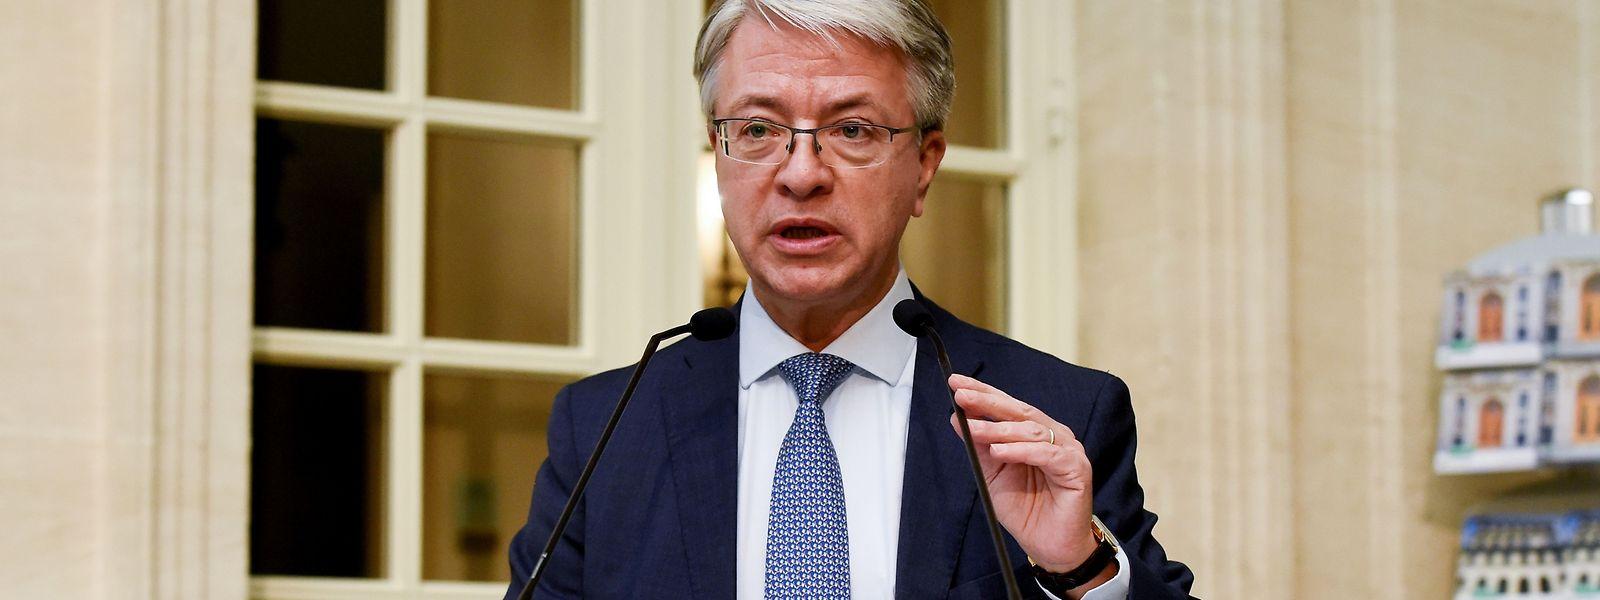 Jean-Laurent Bonnafe, le CEO de BNP Paribas a dévoilé ce mercredi un bénéfice net de 8,4 milliards d'euros pour le groupe bancaire.